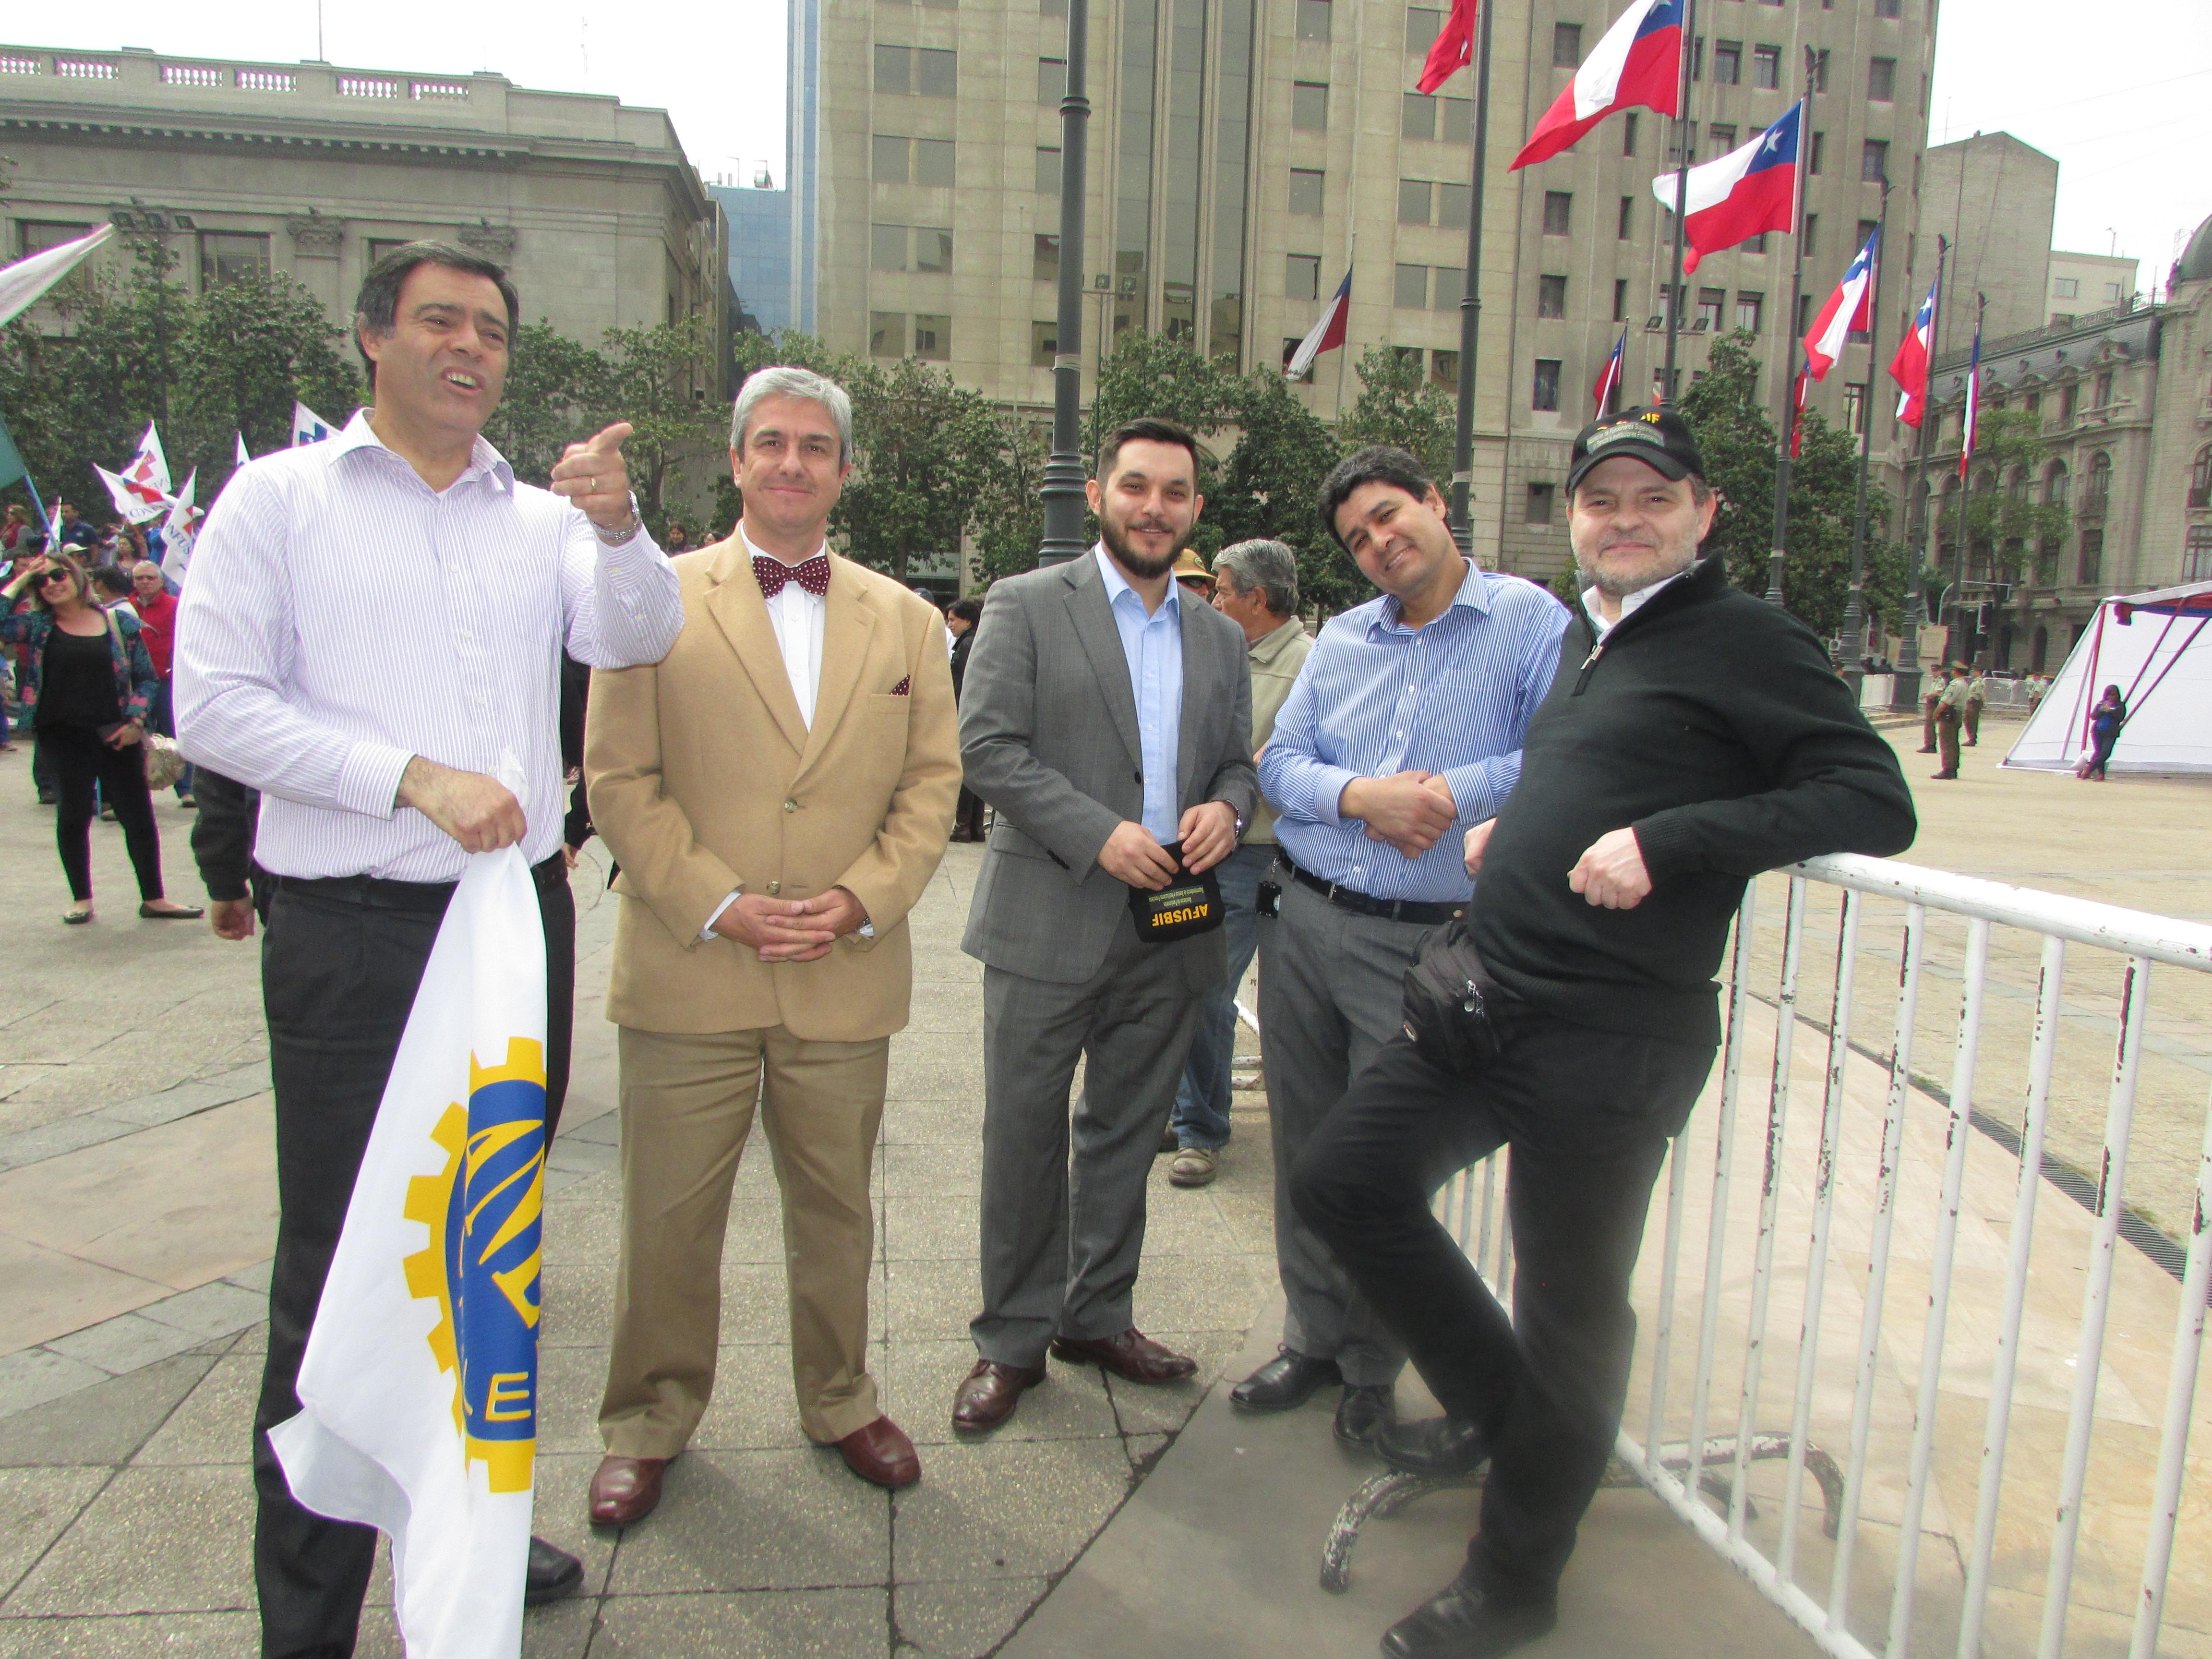 ATRADIP, FTH y ANEF en Jornada de Protesta y Movilización por reajuste digno - 22 Noviembre 2017